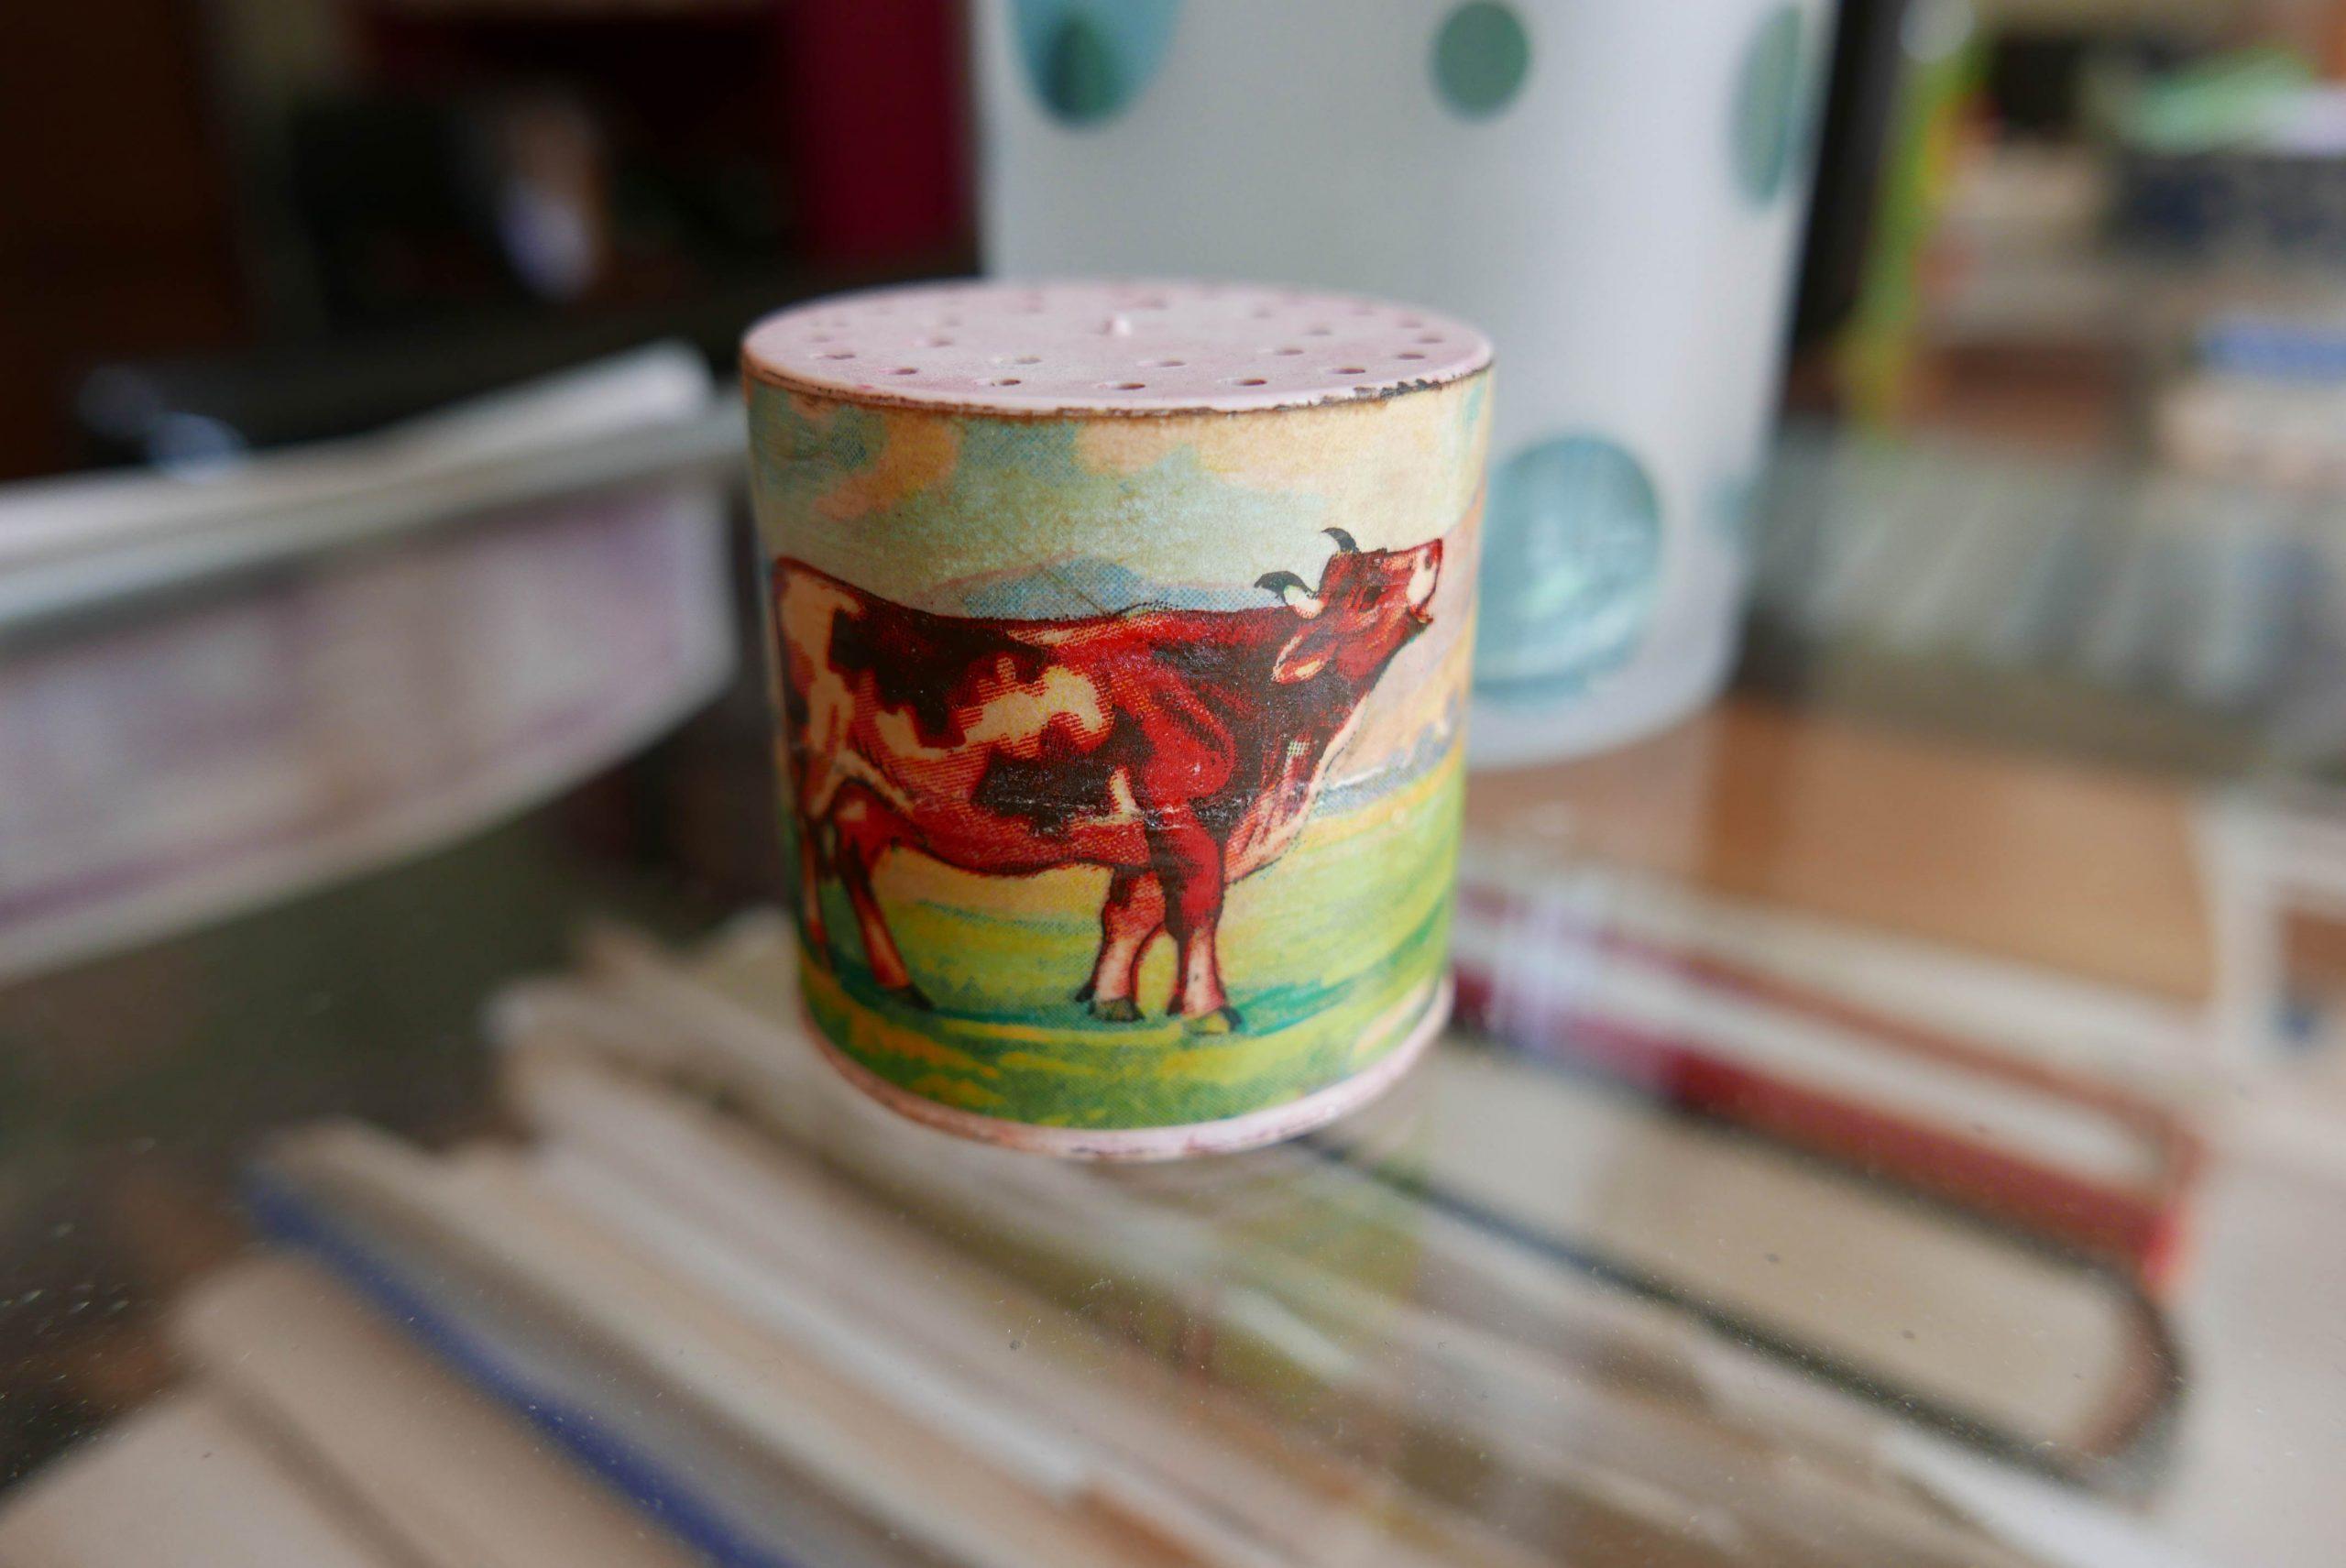 Spielzeug Kuh mit Sound im Glasregal